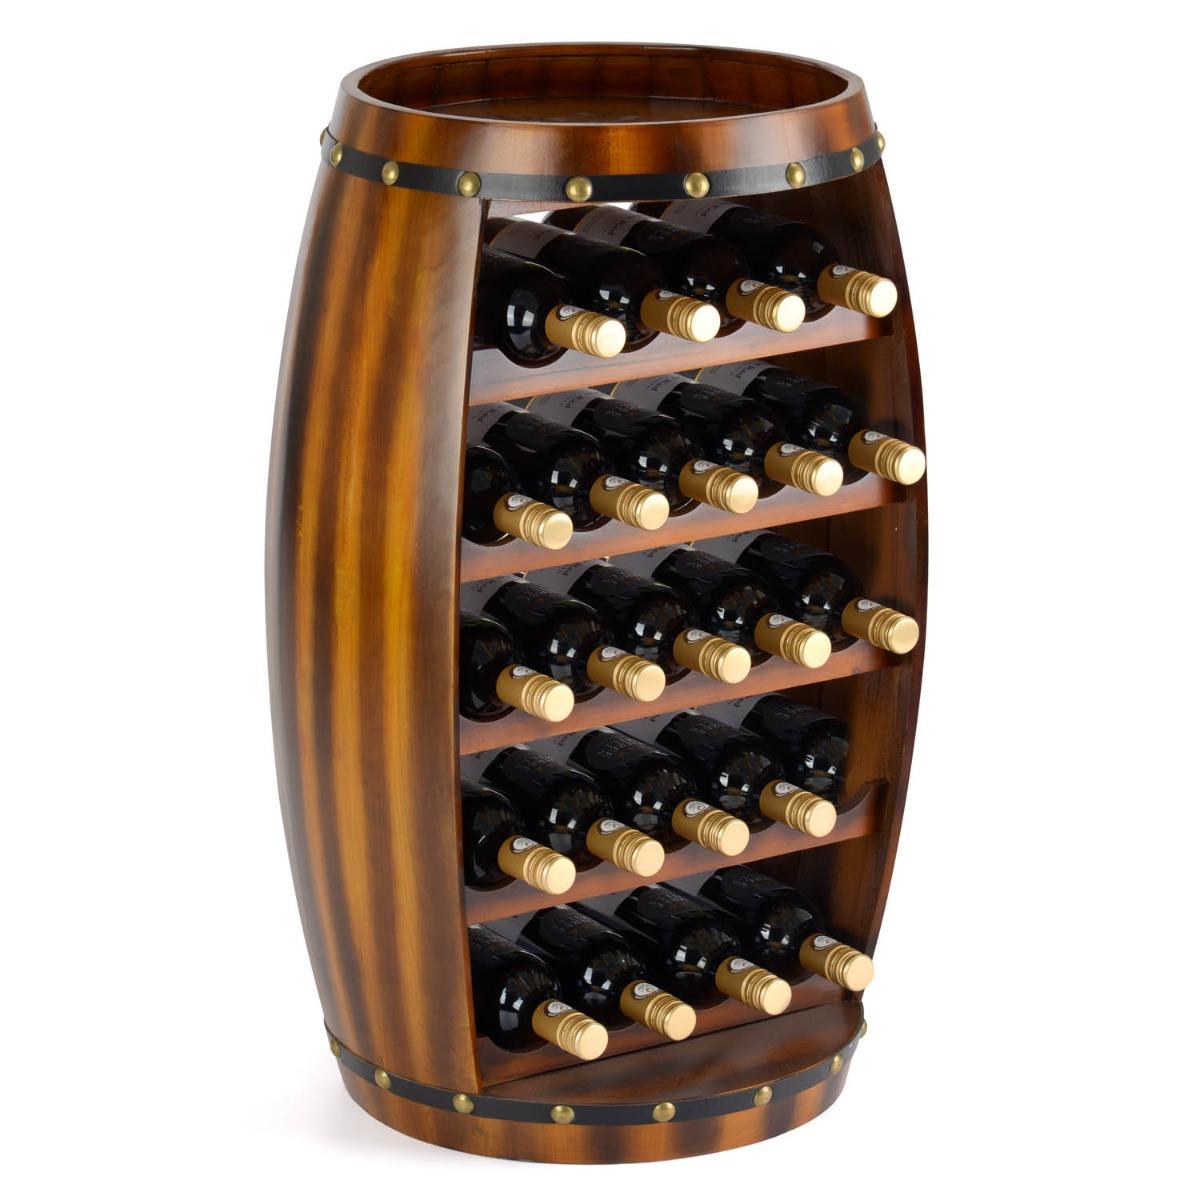 Image of 23 Bottle Wooden Barrel Wine Rack